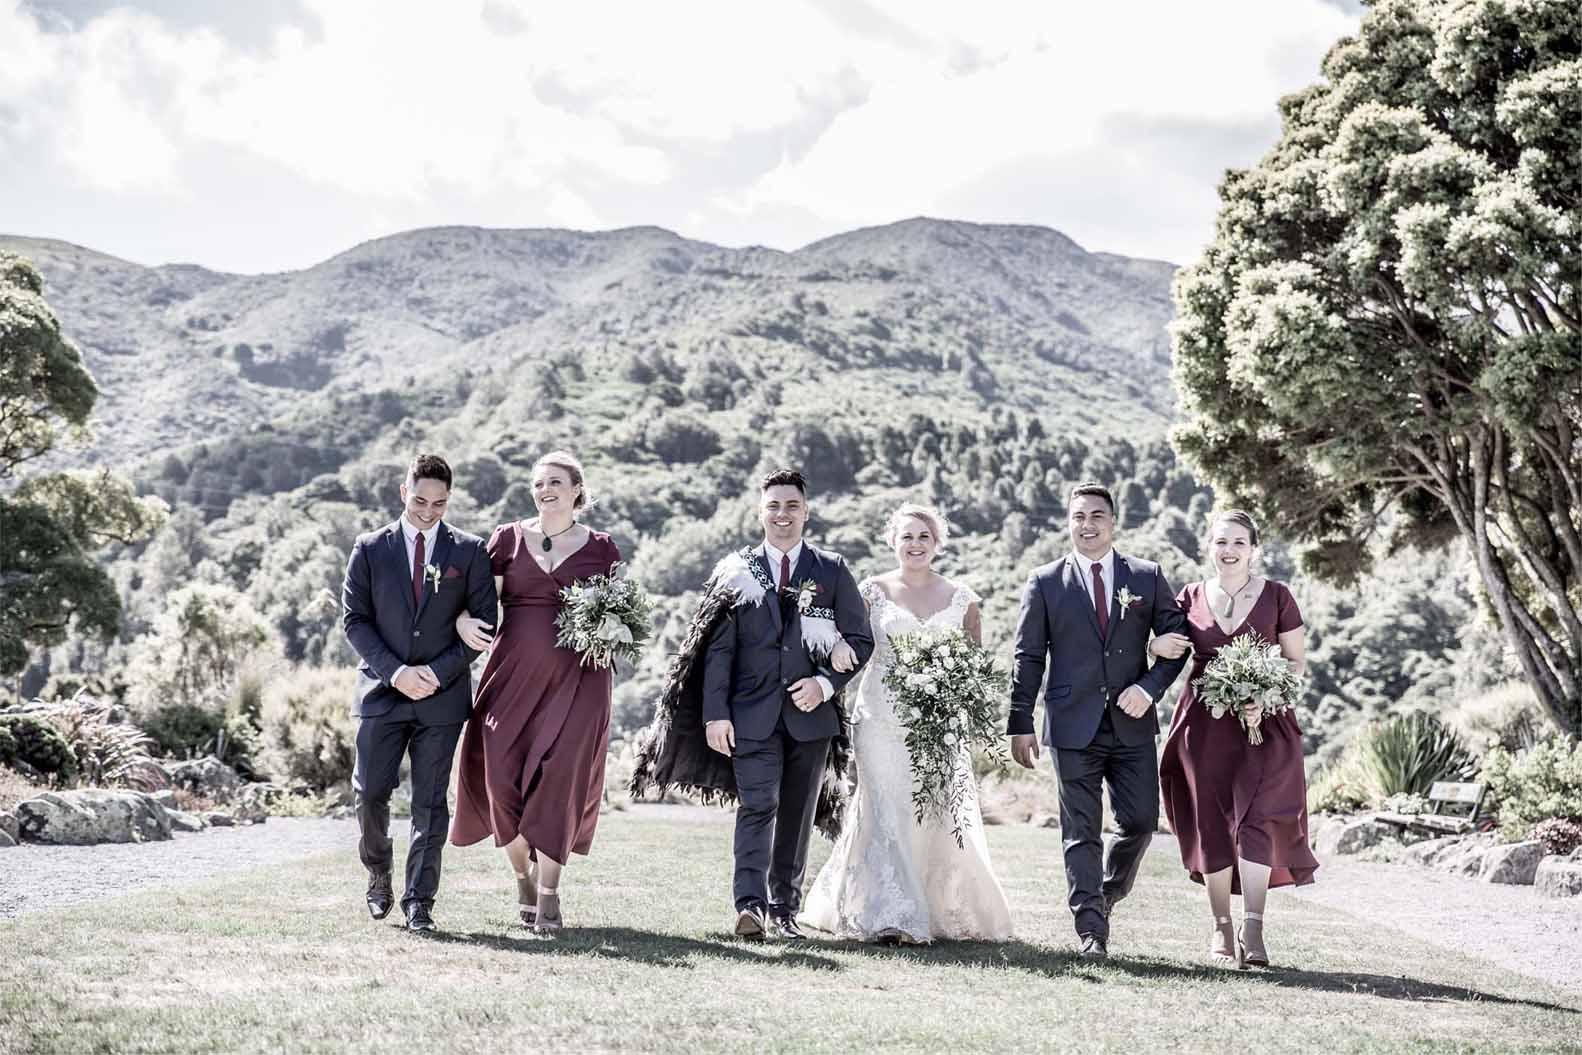 bridal entourage walking down a wide lane